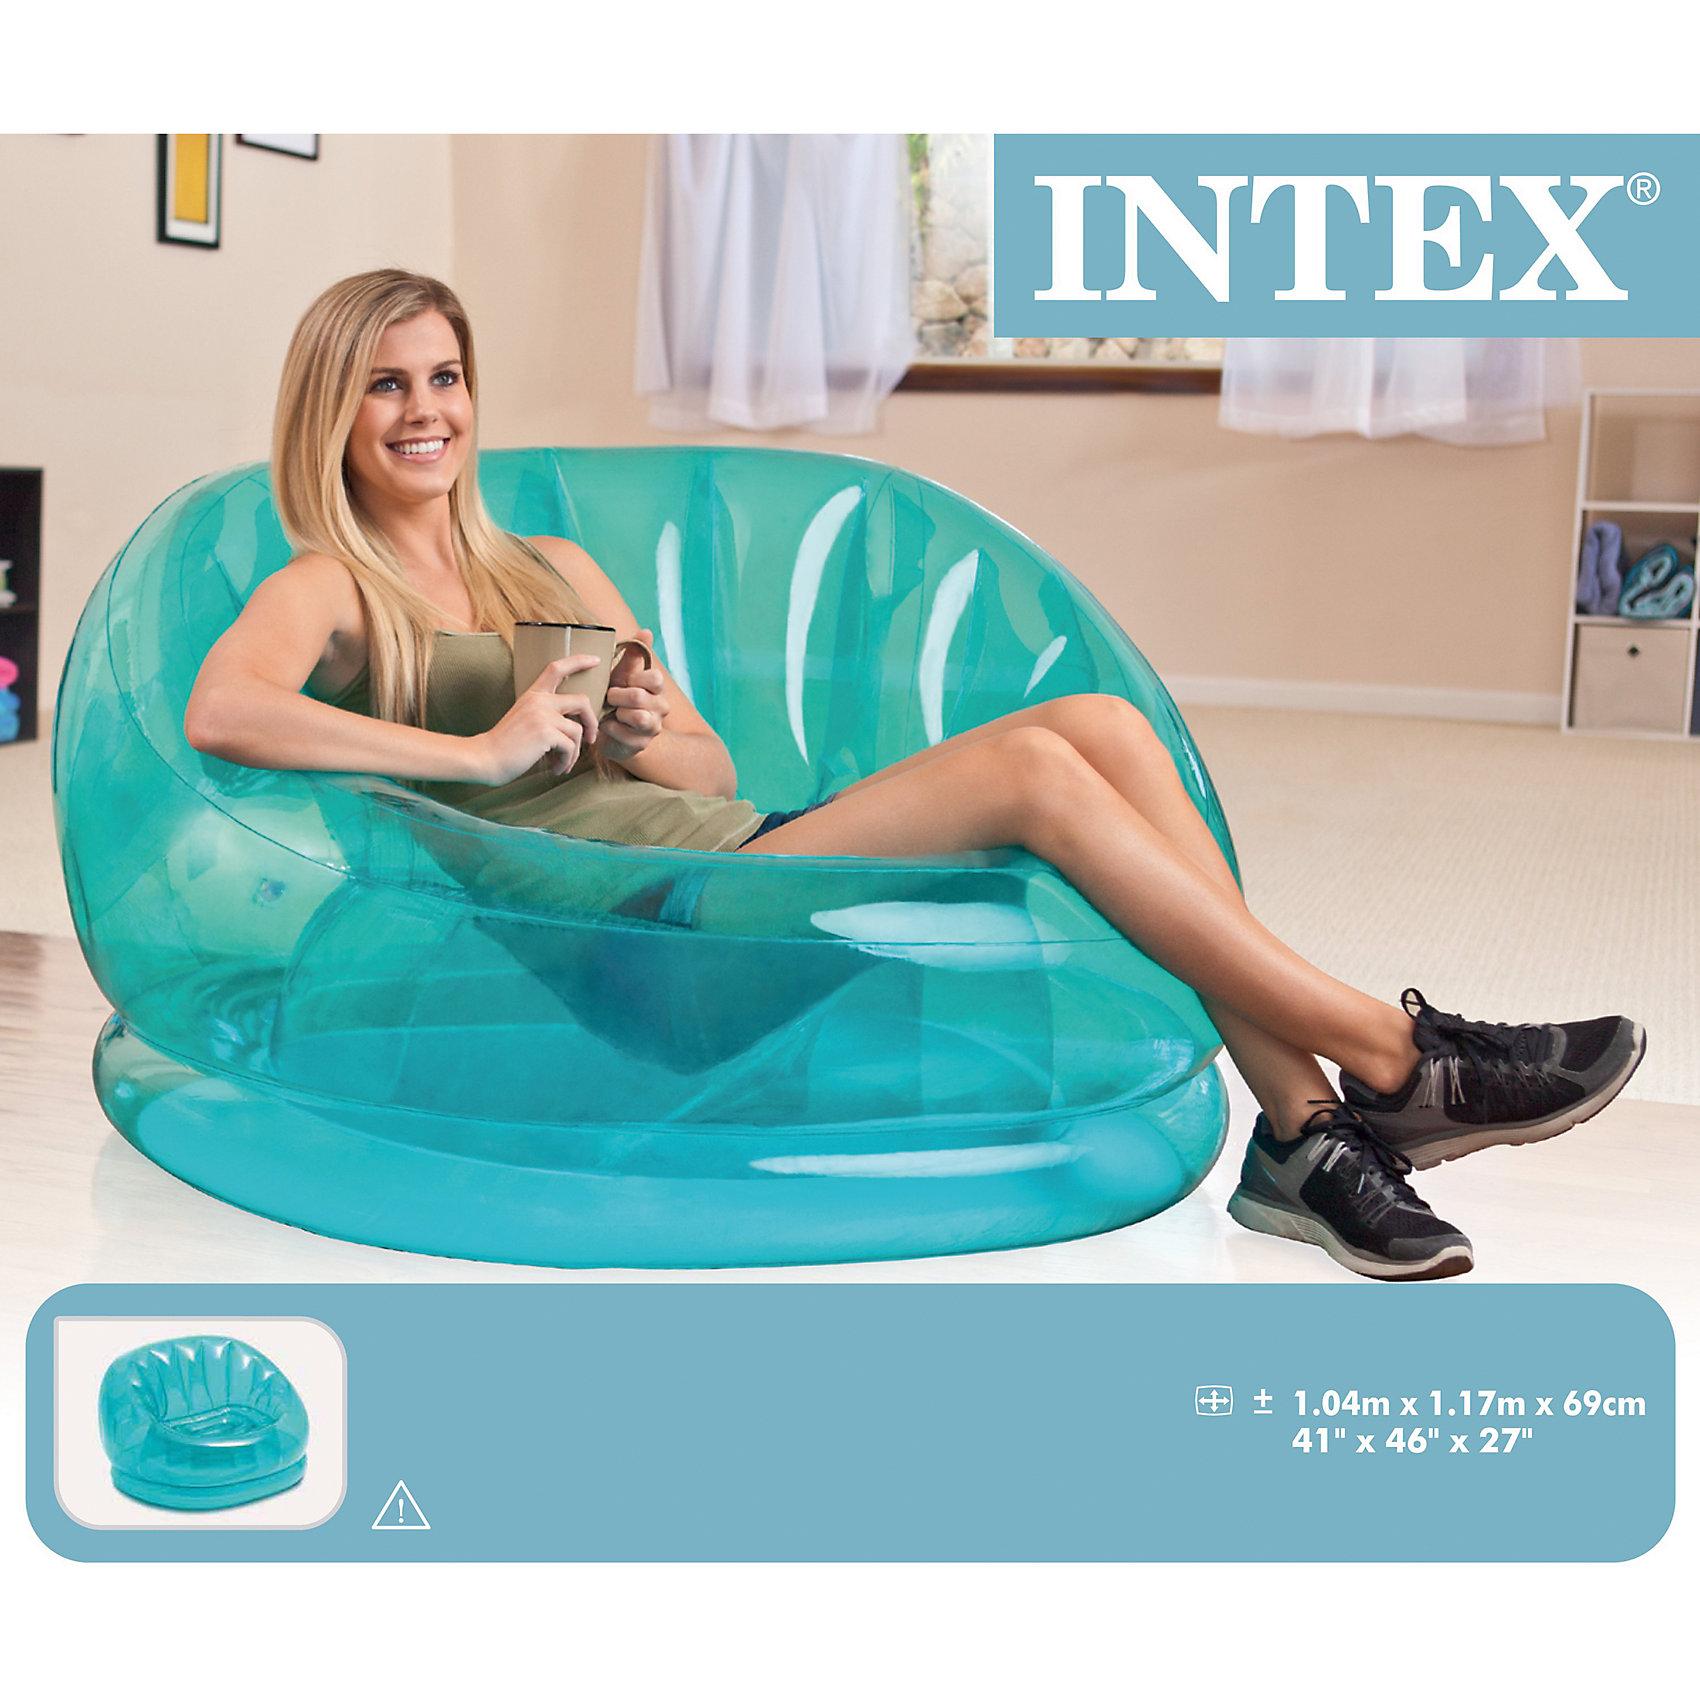 Надувное кресло Космос 104х117х69см, IntexМатрасы и лодки<br>Надувное прозрачное кресло Intex 68593/68594 приятной голубой расцветки, станет прекрасным дополнением к вашему интерьеру. Благодаря материалу устойчивому к проколам, можно использовать не только дома, но и на даче или на природу. Кресло достаточно упругое, благодаря внутренним поддерживающим перегородкам, что позволяет выдерживать большие нагрузки.Рекомендуем не допускать к надувному изделию домашних животных, имеющих острые когти и зубы, т.к высока вероятность нанесения изделию механических повреждений(проколов, порезов, прокусов, и т. д )!!!! В сложенном виде изделие не займёт много места на полке и в багаже.<br><br>Ширина мм: 370<br>Глубина мм: 310<br>Высота мм: 100<br>Вес г: 2960<br>Возраст от месяцев: 36<br>Возраст до месяцев: 1188<br>Пол: Унисекс<br>Возраст: Детский<br>SKU: 5630557